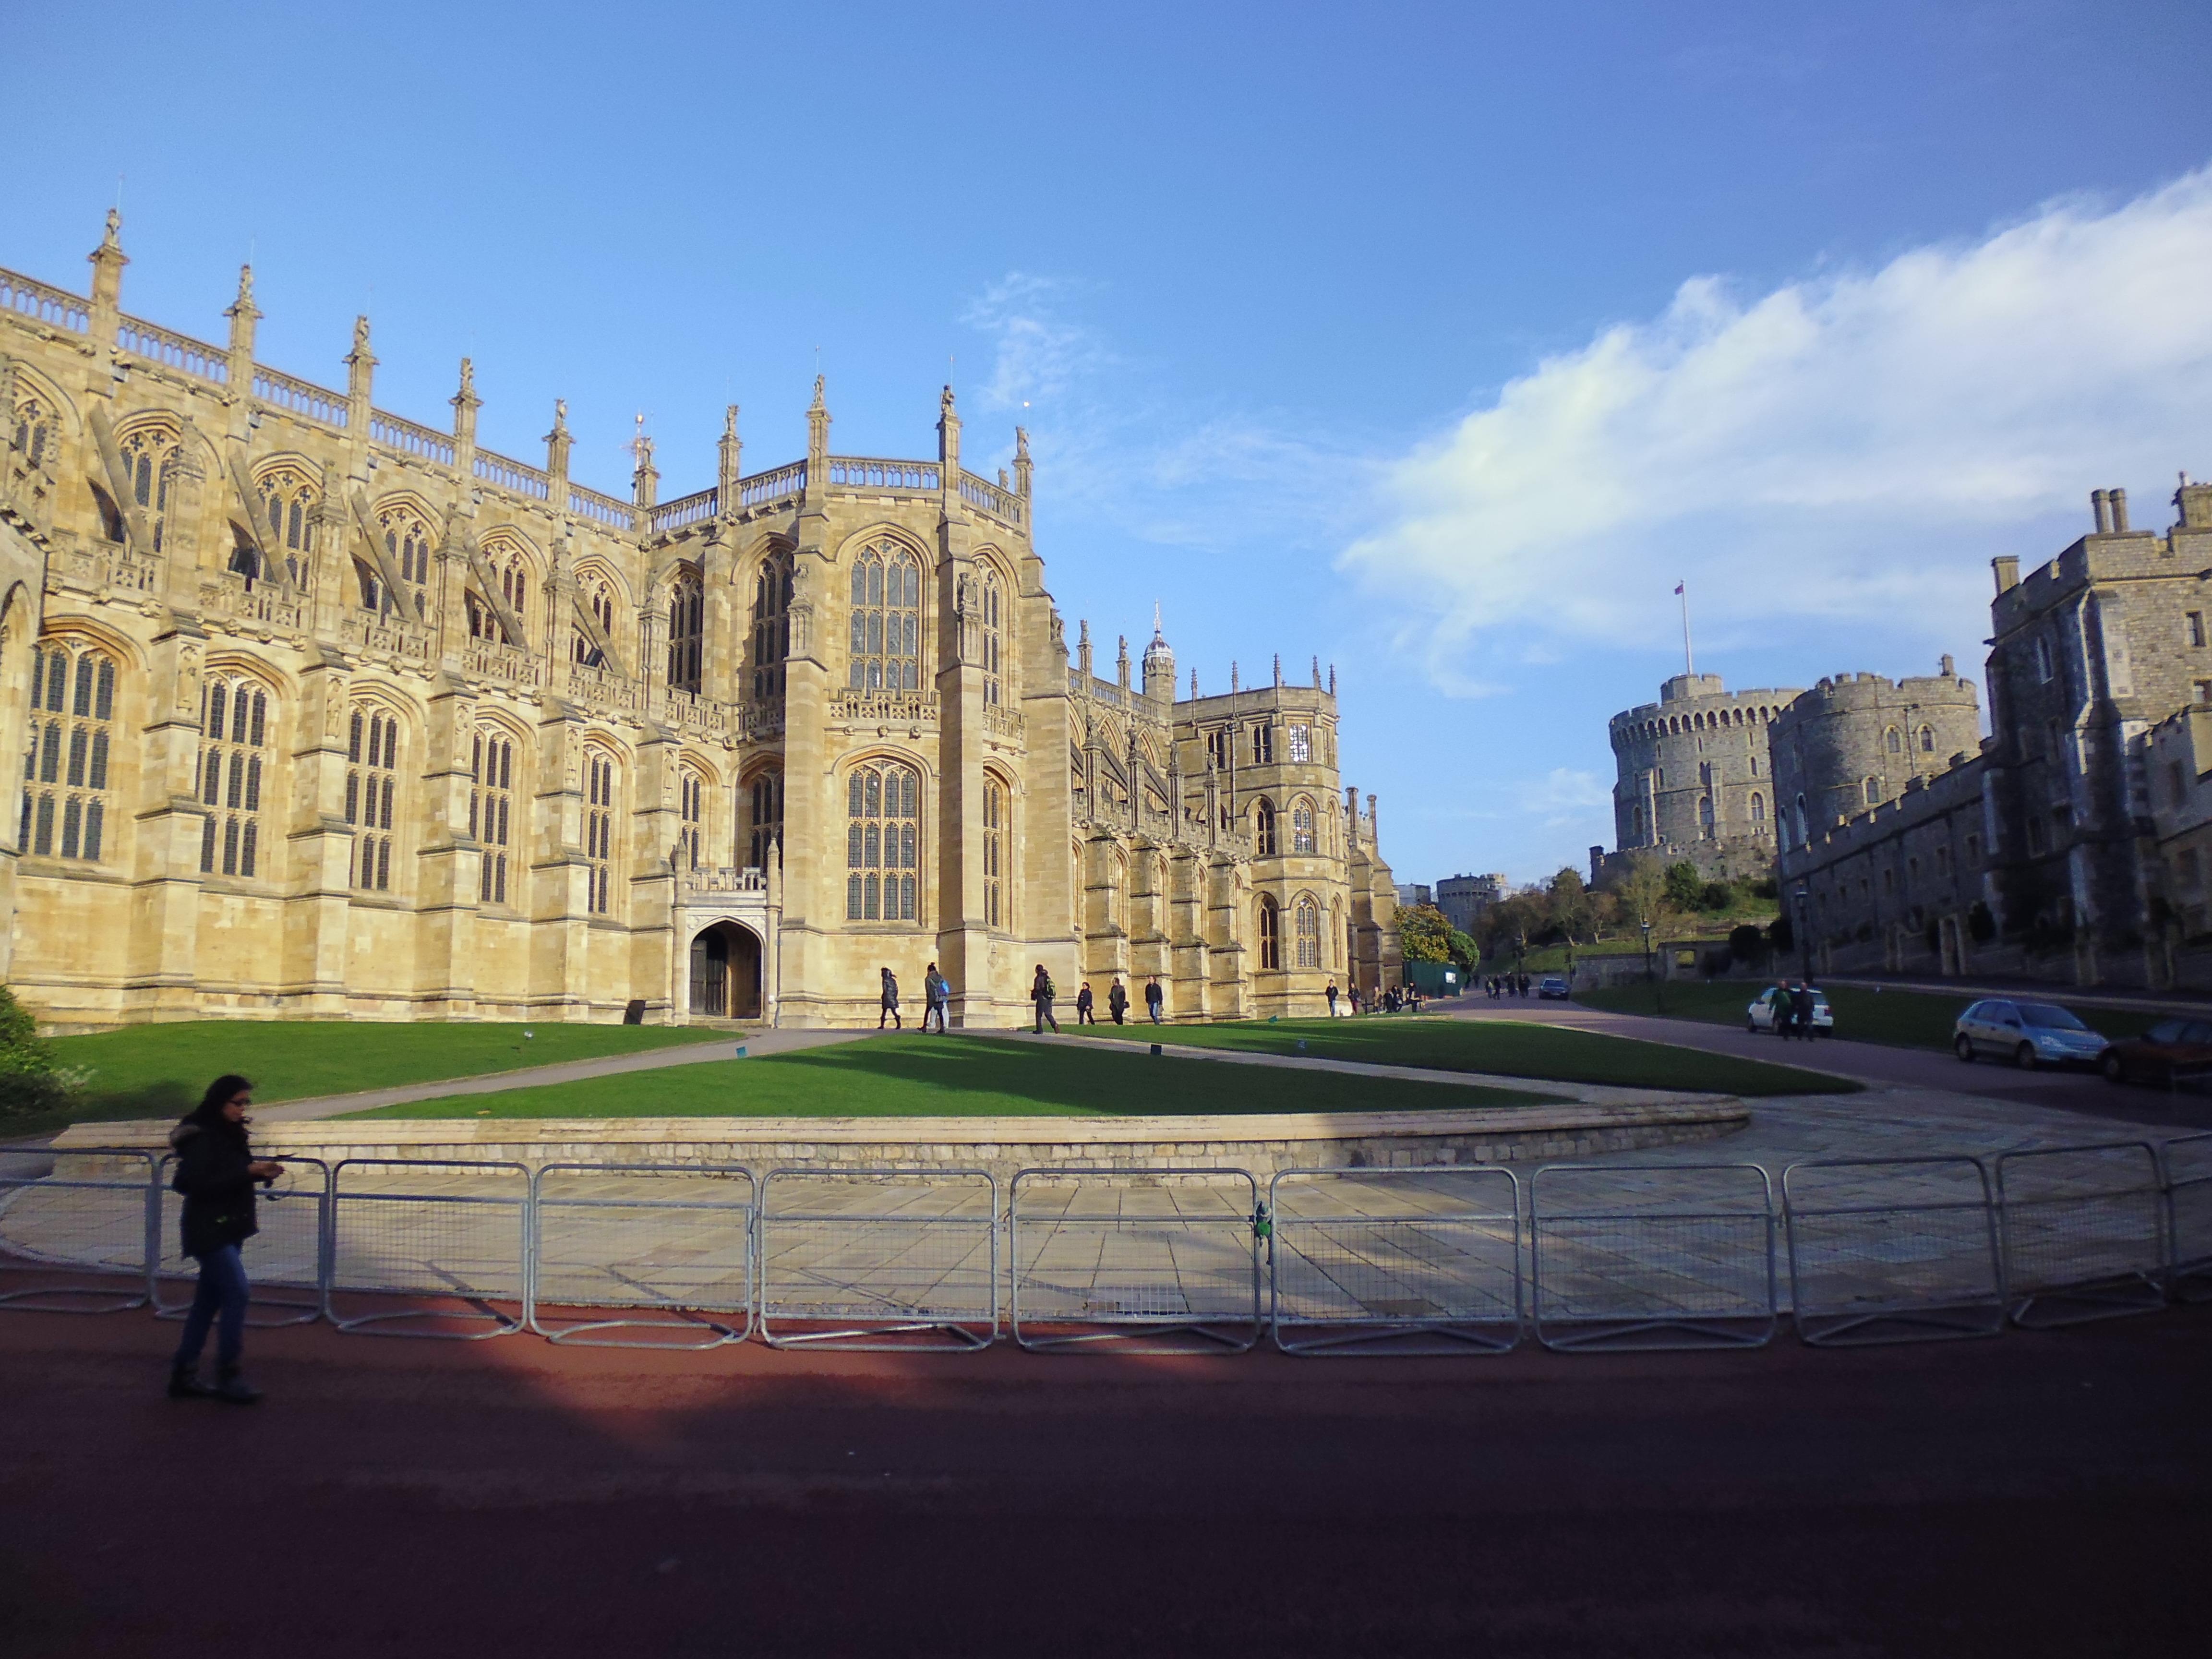 Windsor castle tour hours